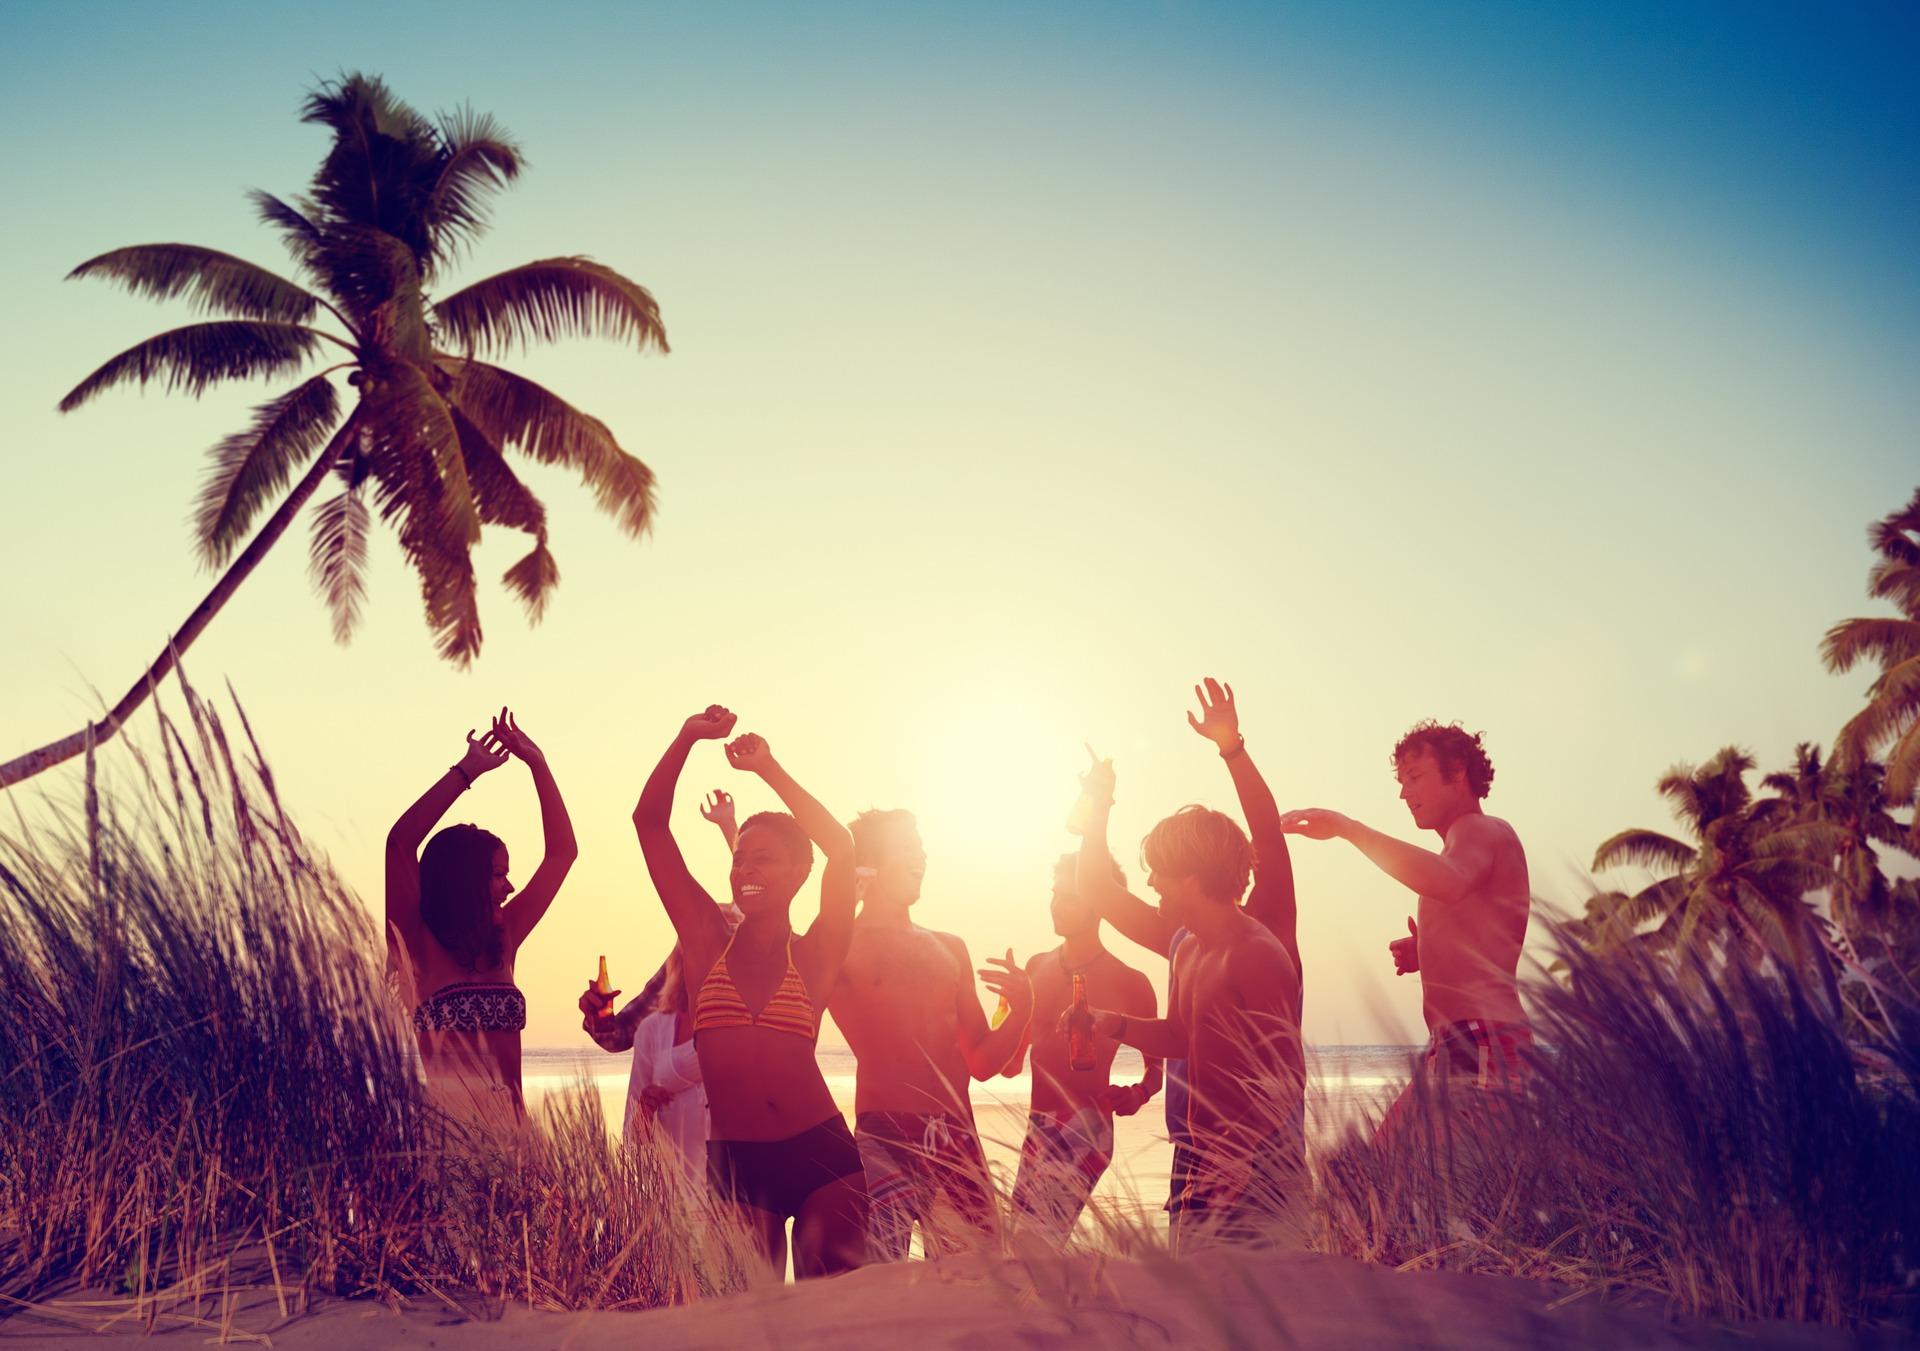 ビーチでみんなで楽しく過ごす環境